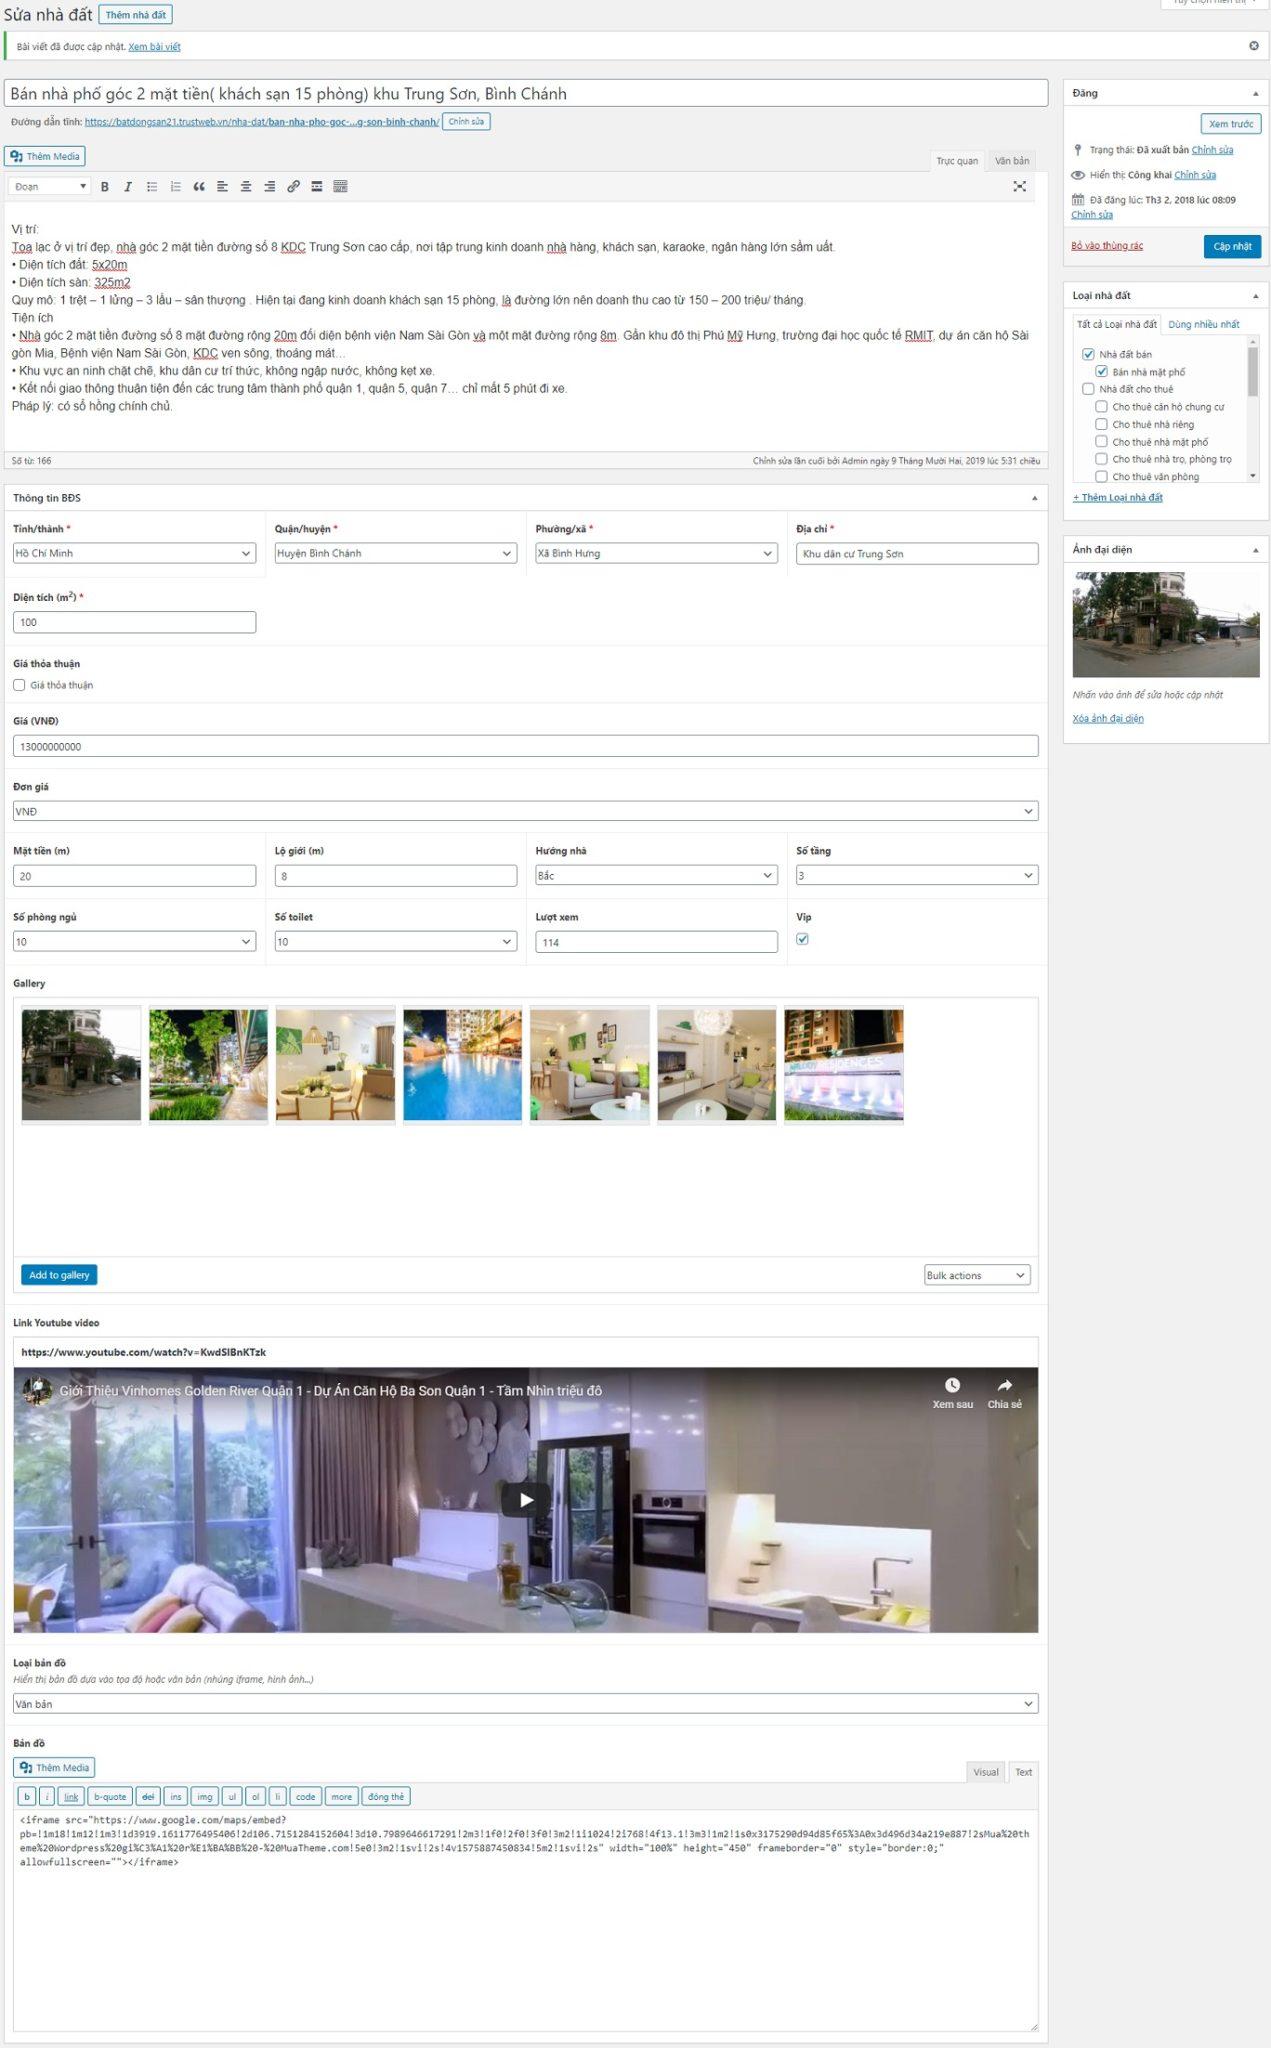 Hình 2: Trang tin đăng bất động sản